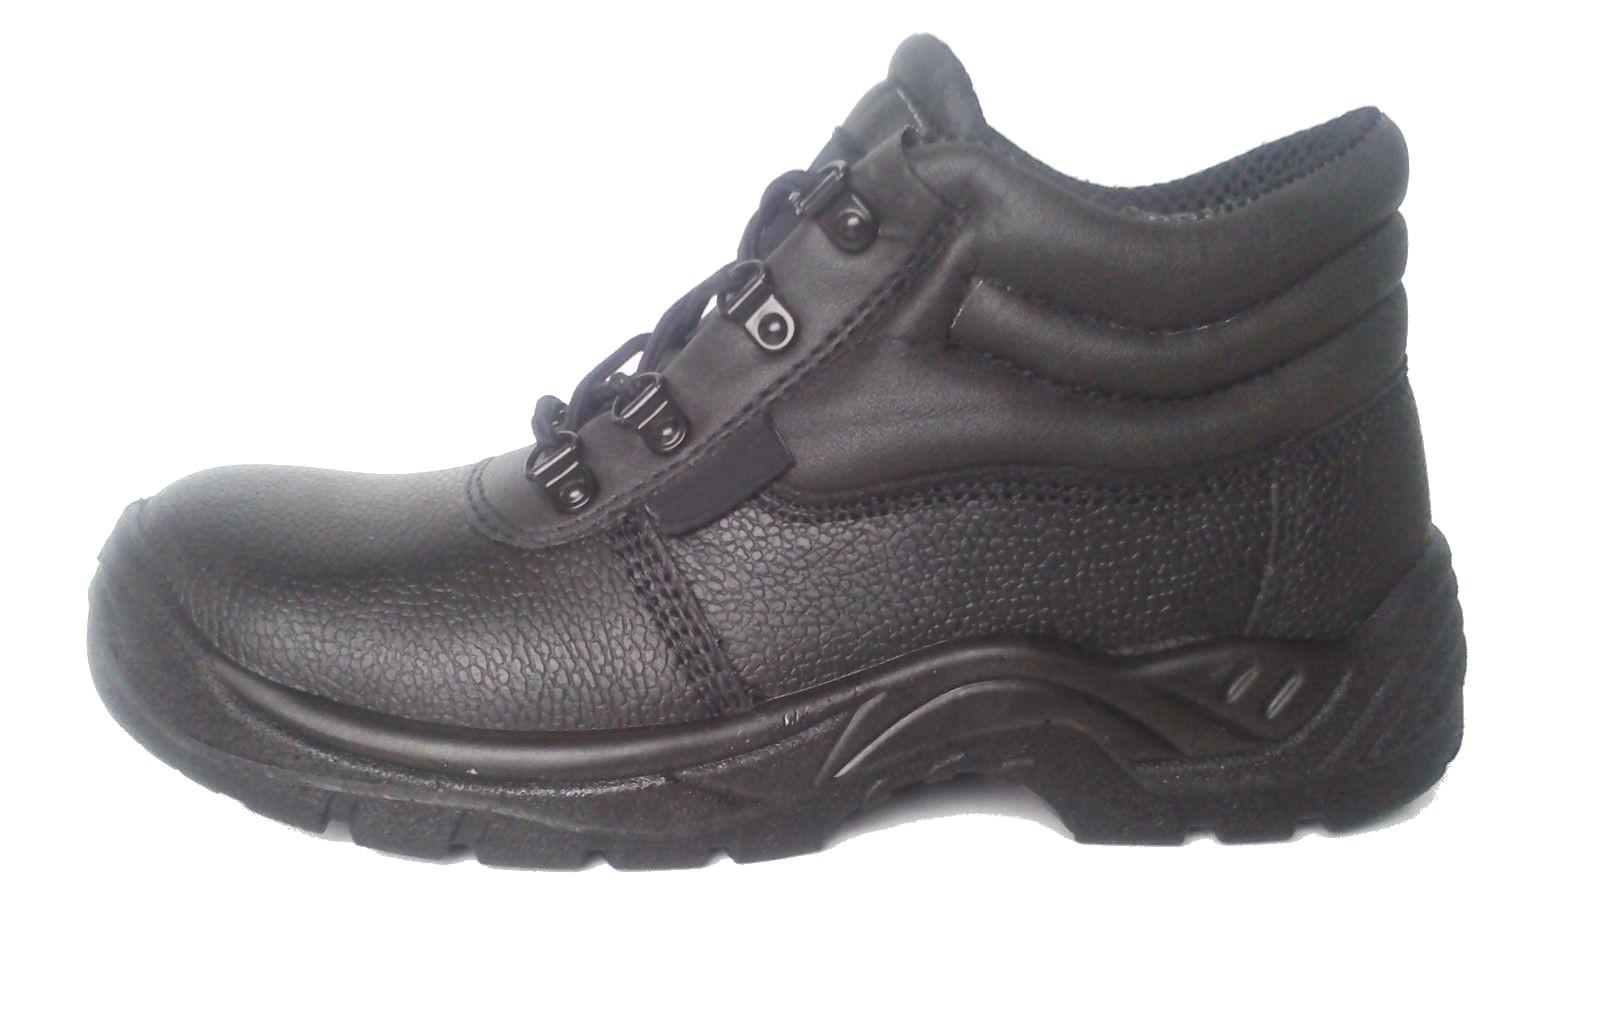 3b4c5abdc61 Arvello SBU02 Chukka Steel Toe Cap Safety Boots S1P